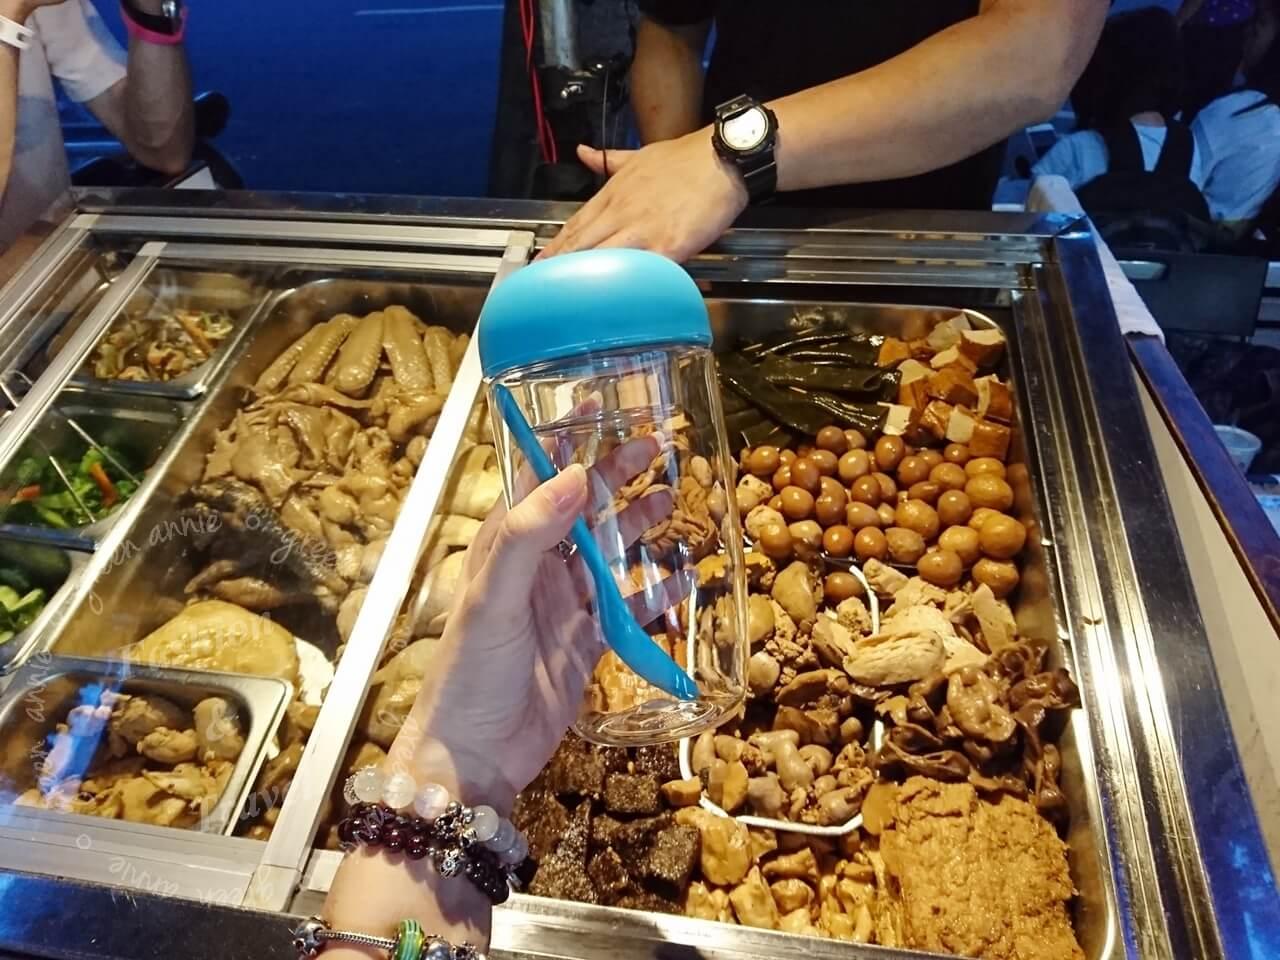 嗑鮮杯夏日樂搖沙拉杯 Tritan 660ml大容量,更輕巧更方便攜帶,通過美國FDA檢驗,SGS Taiwan耐熱測試